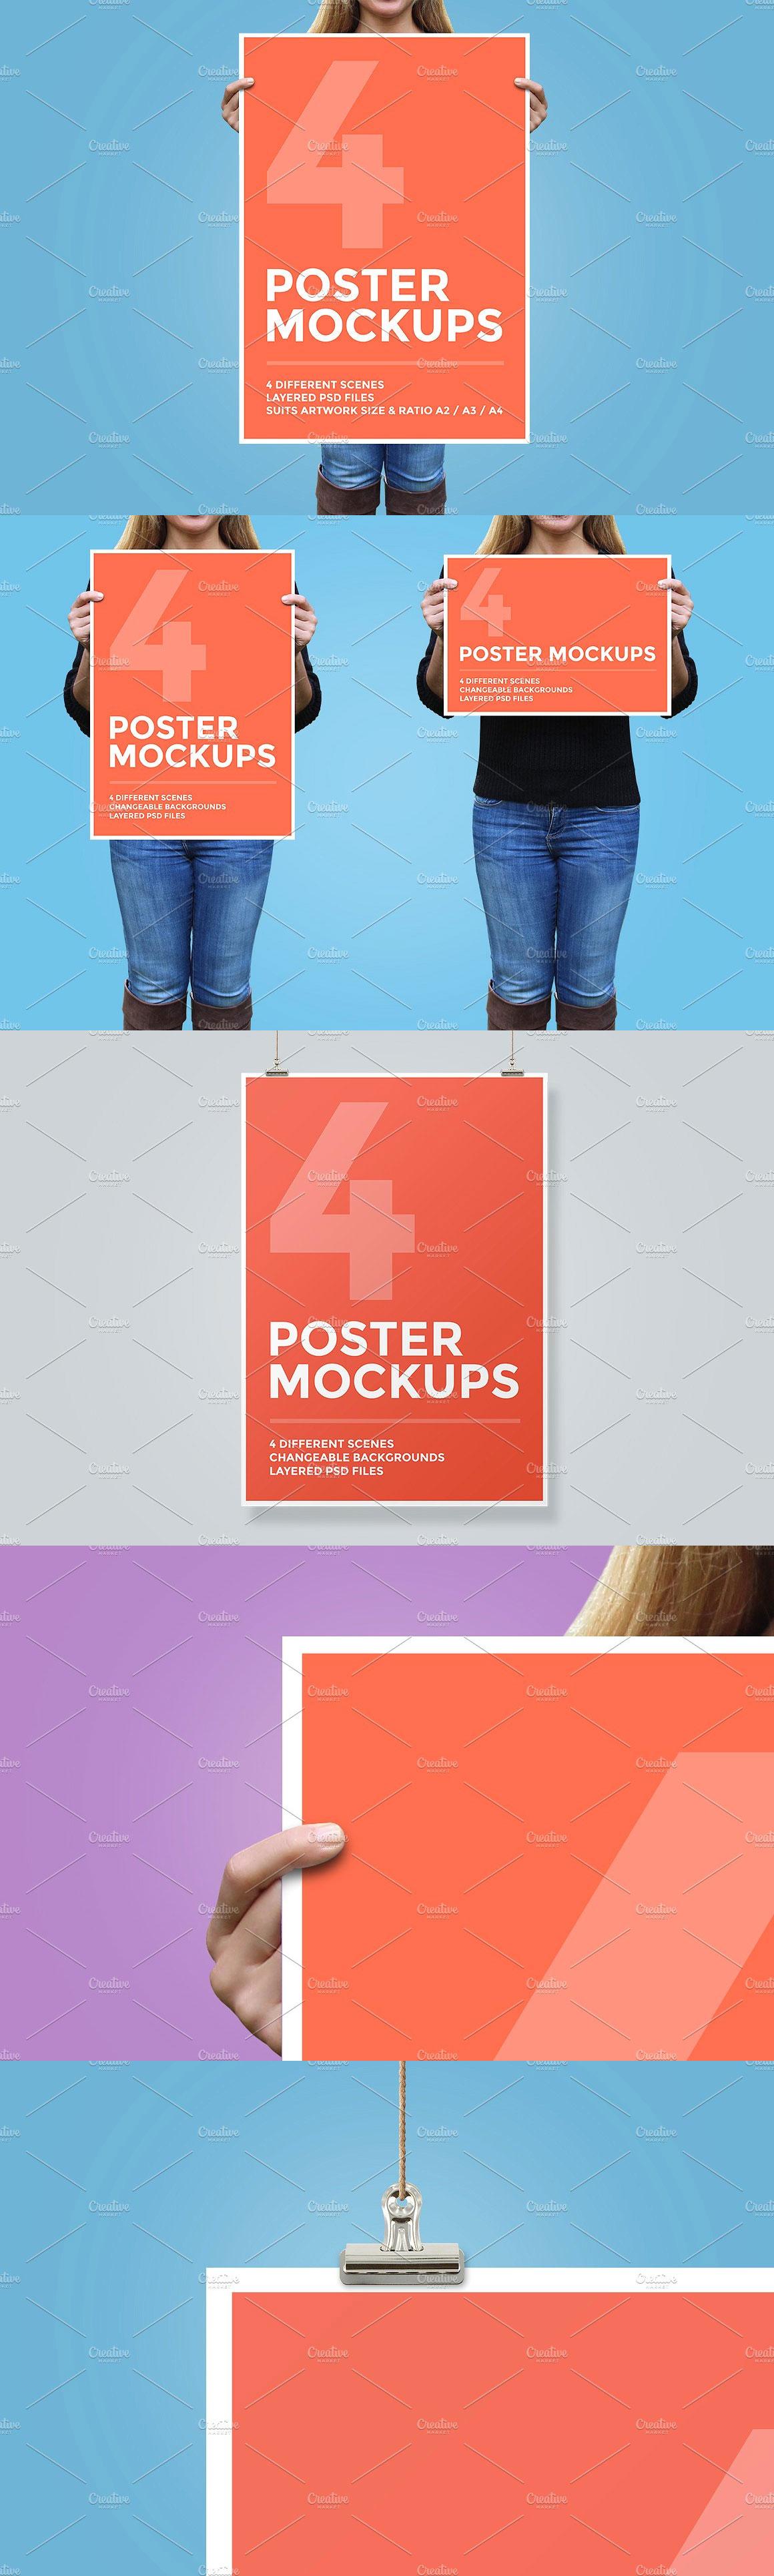 4 Poster Mockup Bundle Poster Mockup Poster Design Template Site